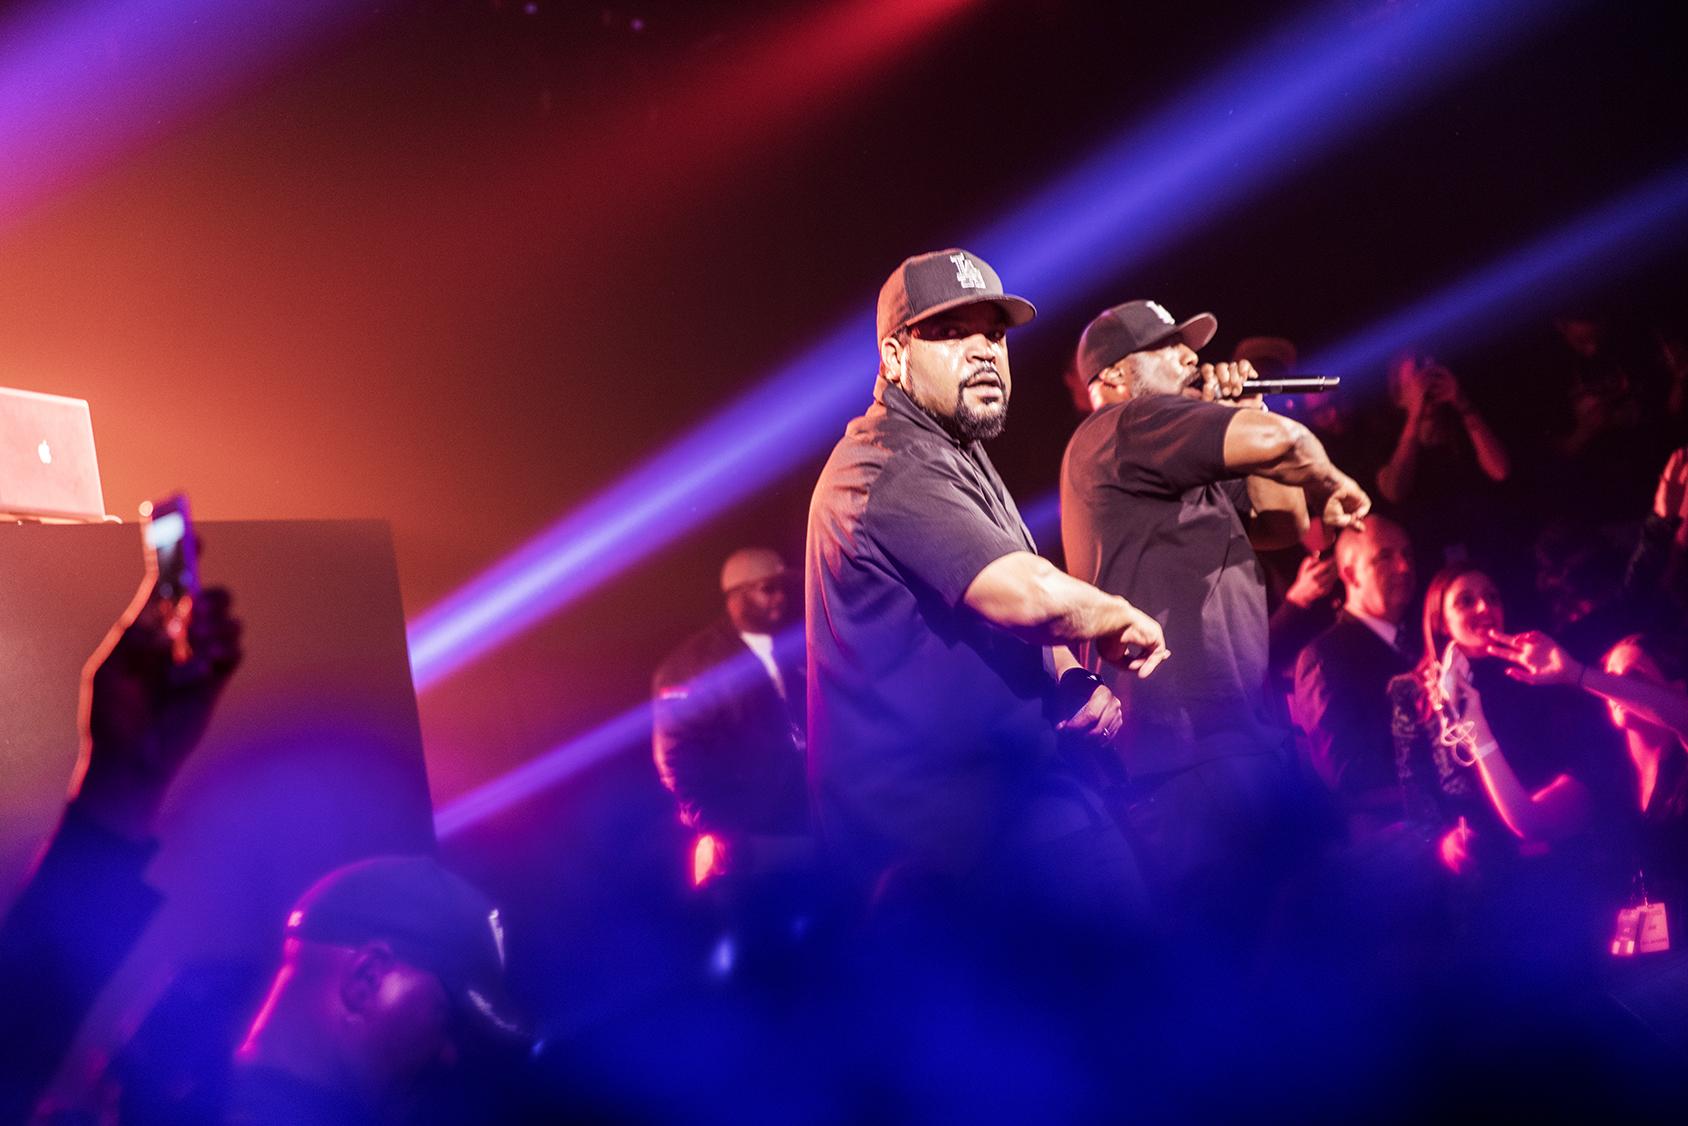 Después del show de Kenzo x H&M, el legendario rapero Ice Cube tomó el escenario.